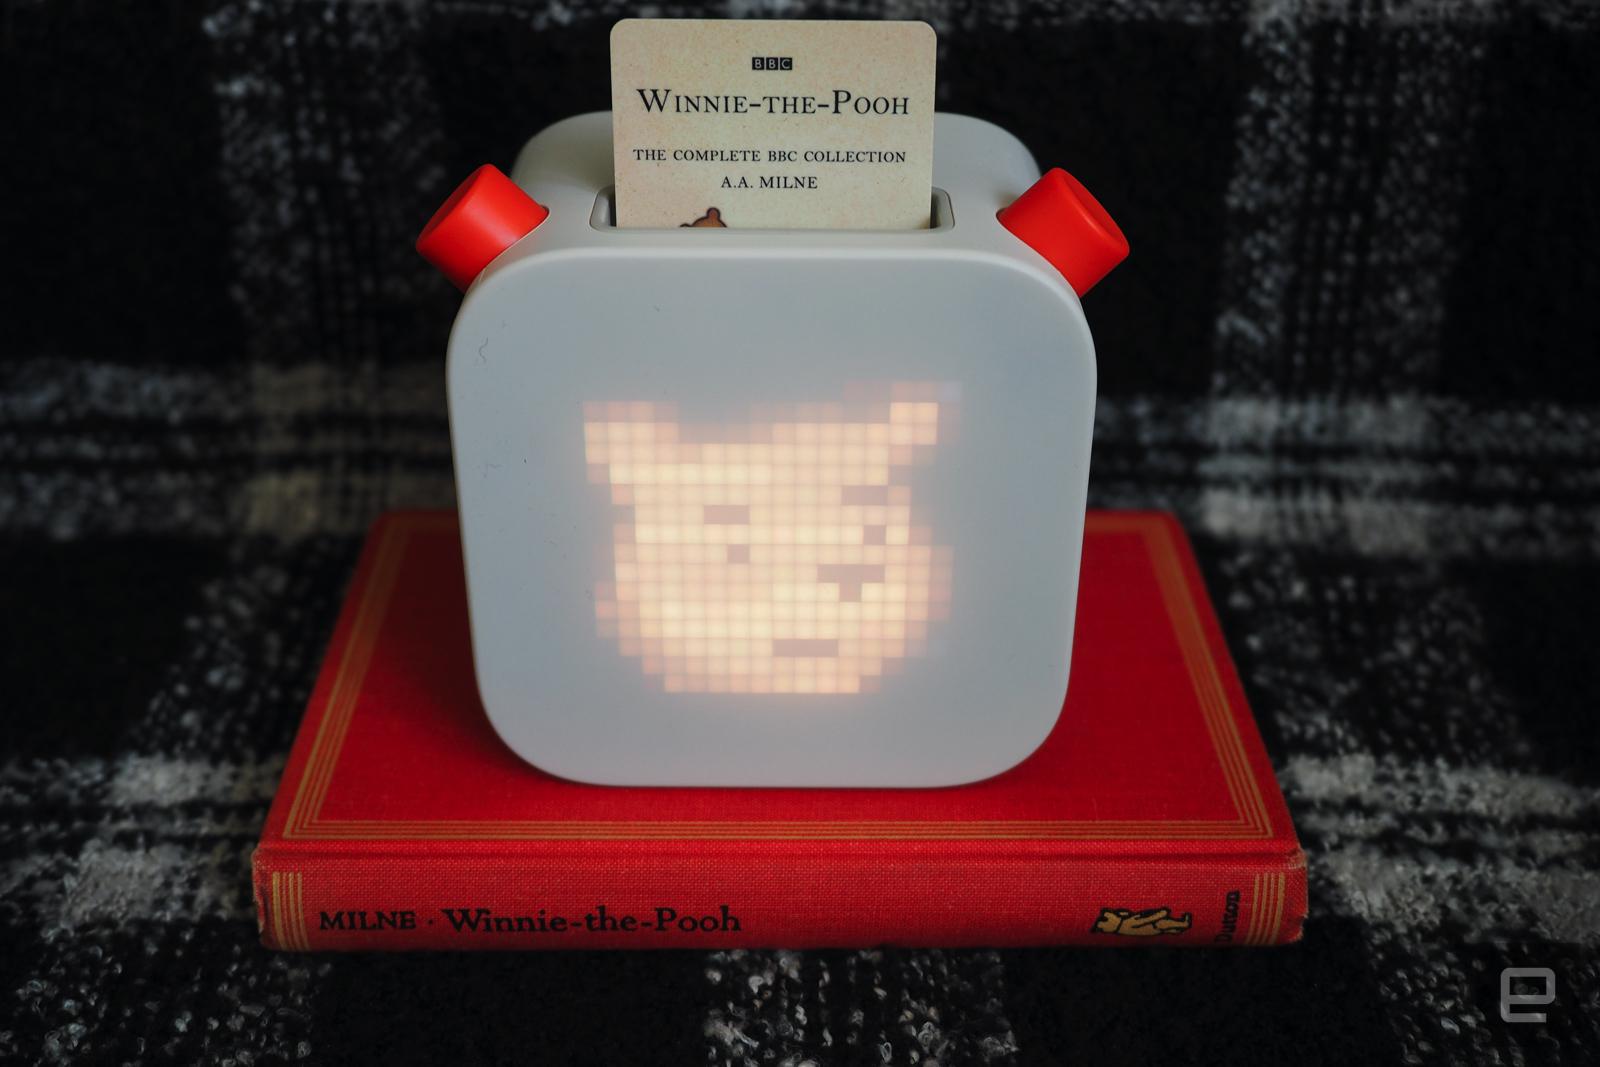 Yoto, çocuklar için tasarlanmış bir podcast ve sesli kitap makinesidir | Engadget